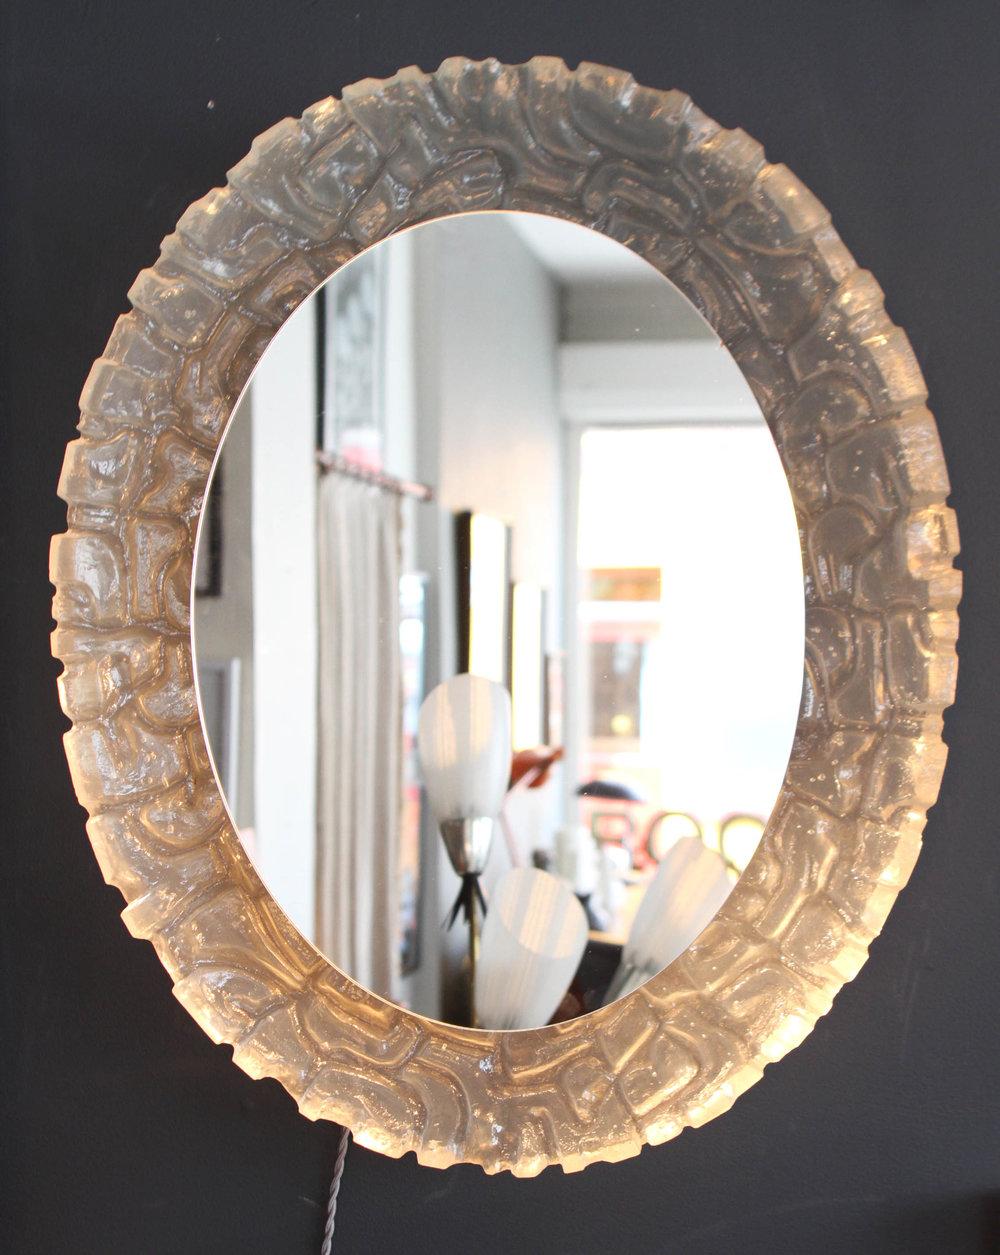 Glasss_Mirror_Round.jpg